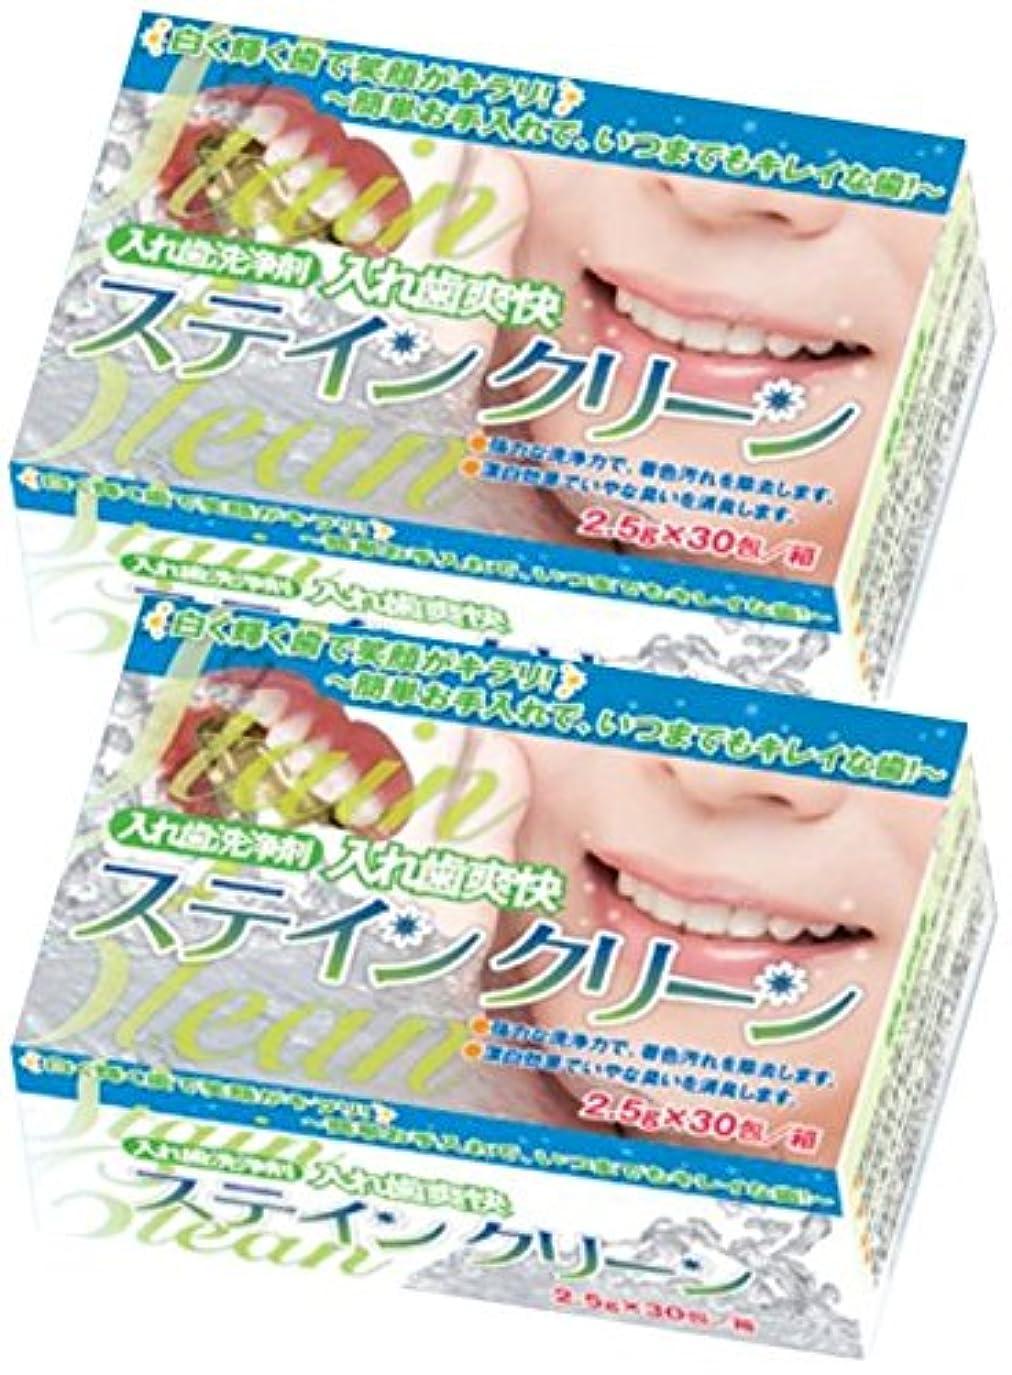 カフェ申込みまもなく入れ歯爽快 ステインクリーン 1箱(2.5g × 30包入り) 歯科医院専売品 (2箱)